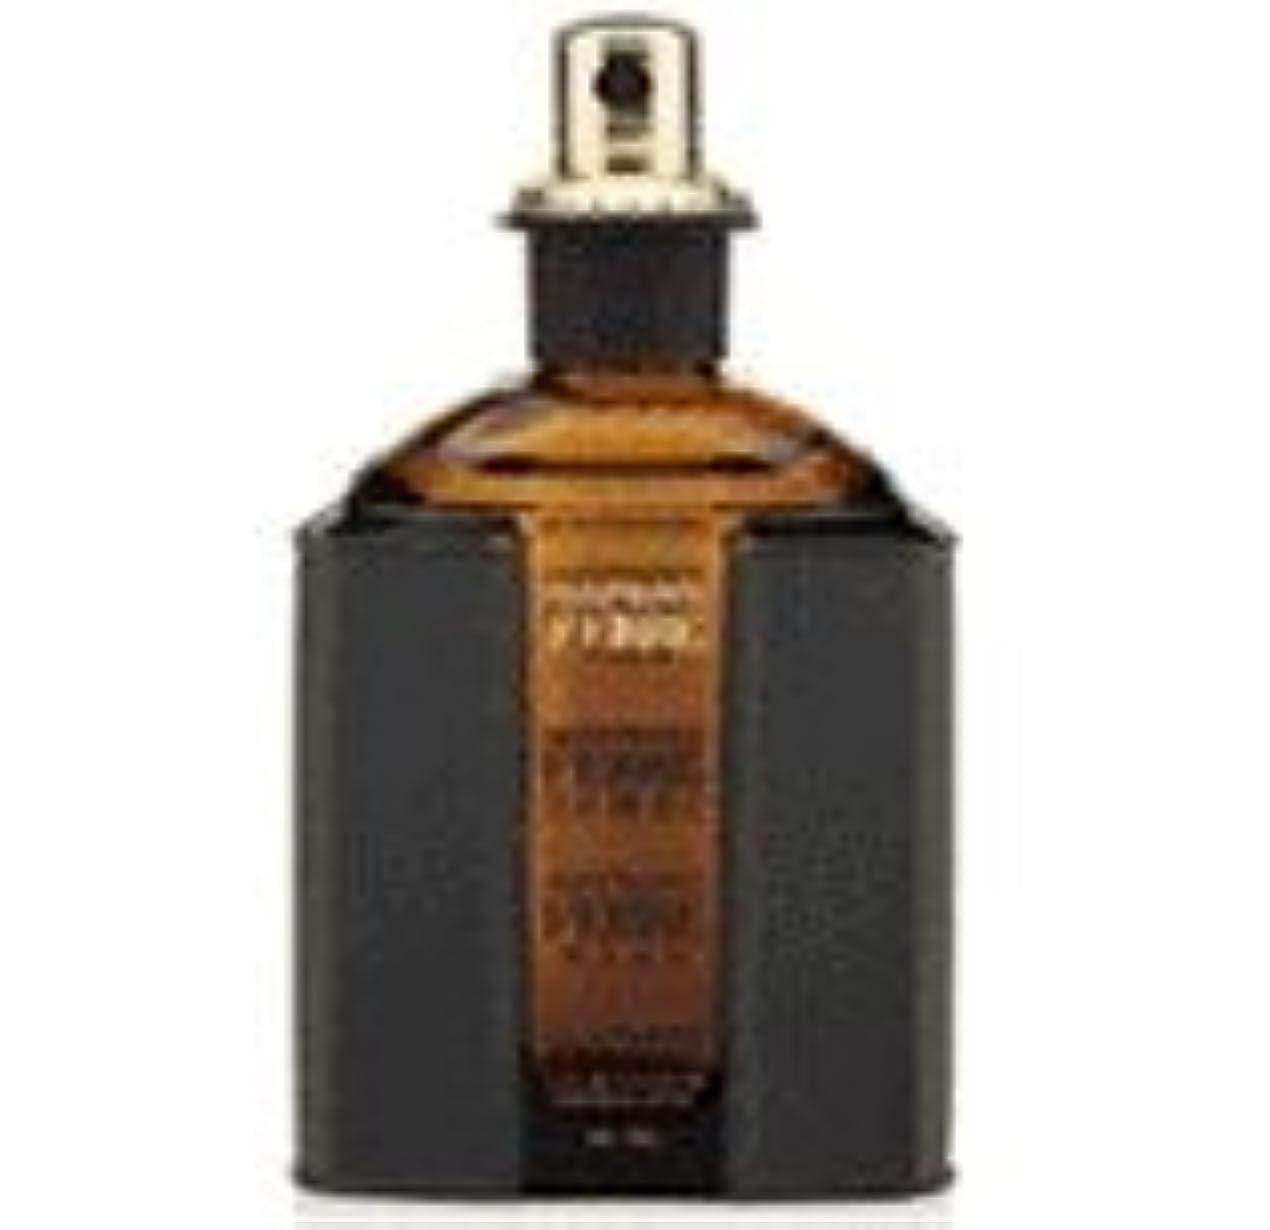 州夜警告するFerre (フェレー) 2.5 oz (75 ml) EDT Spray by Gianfranco Ferre for Men